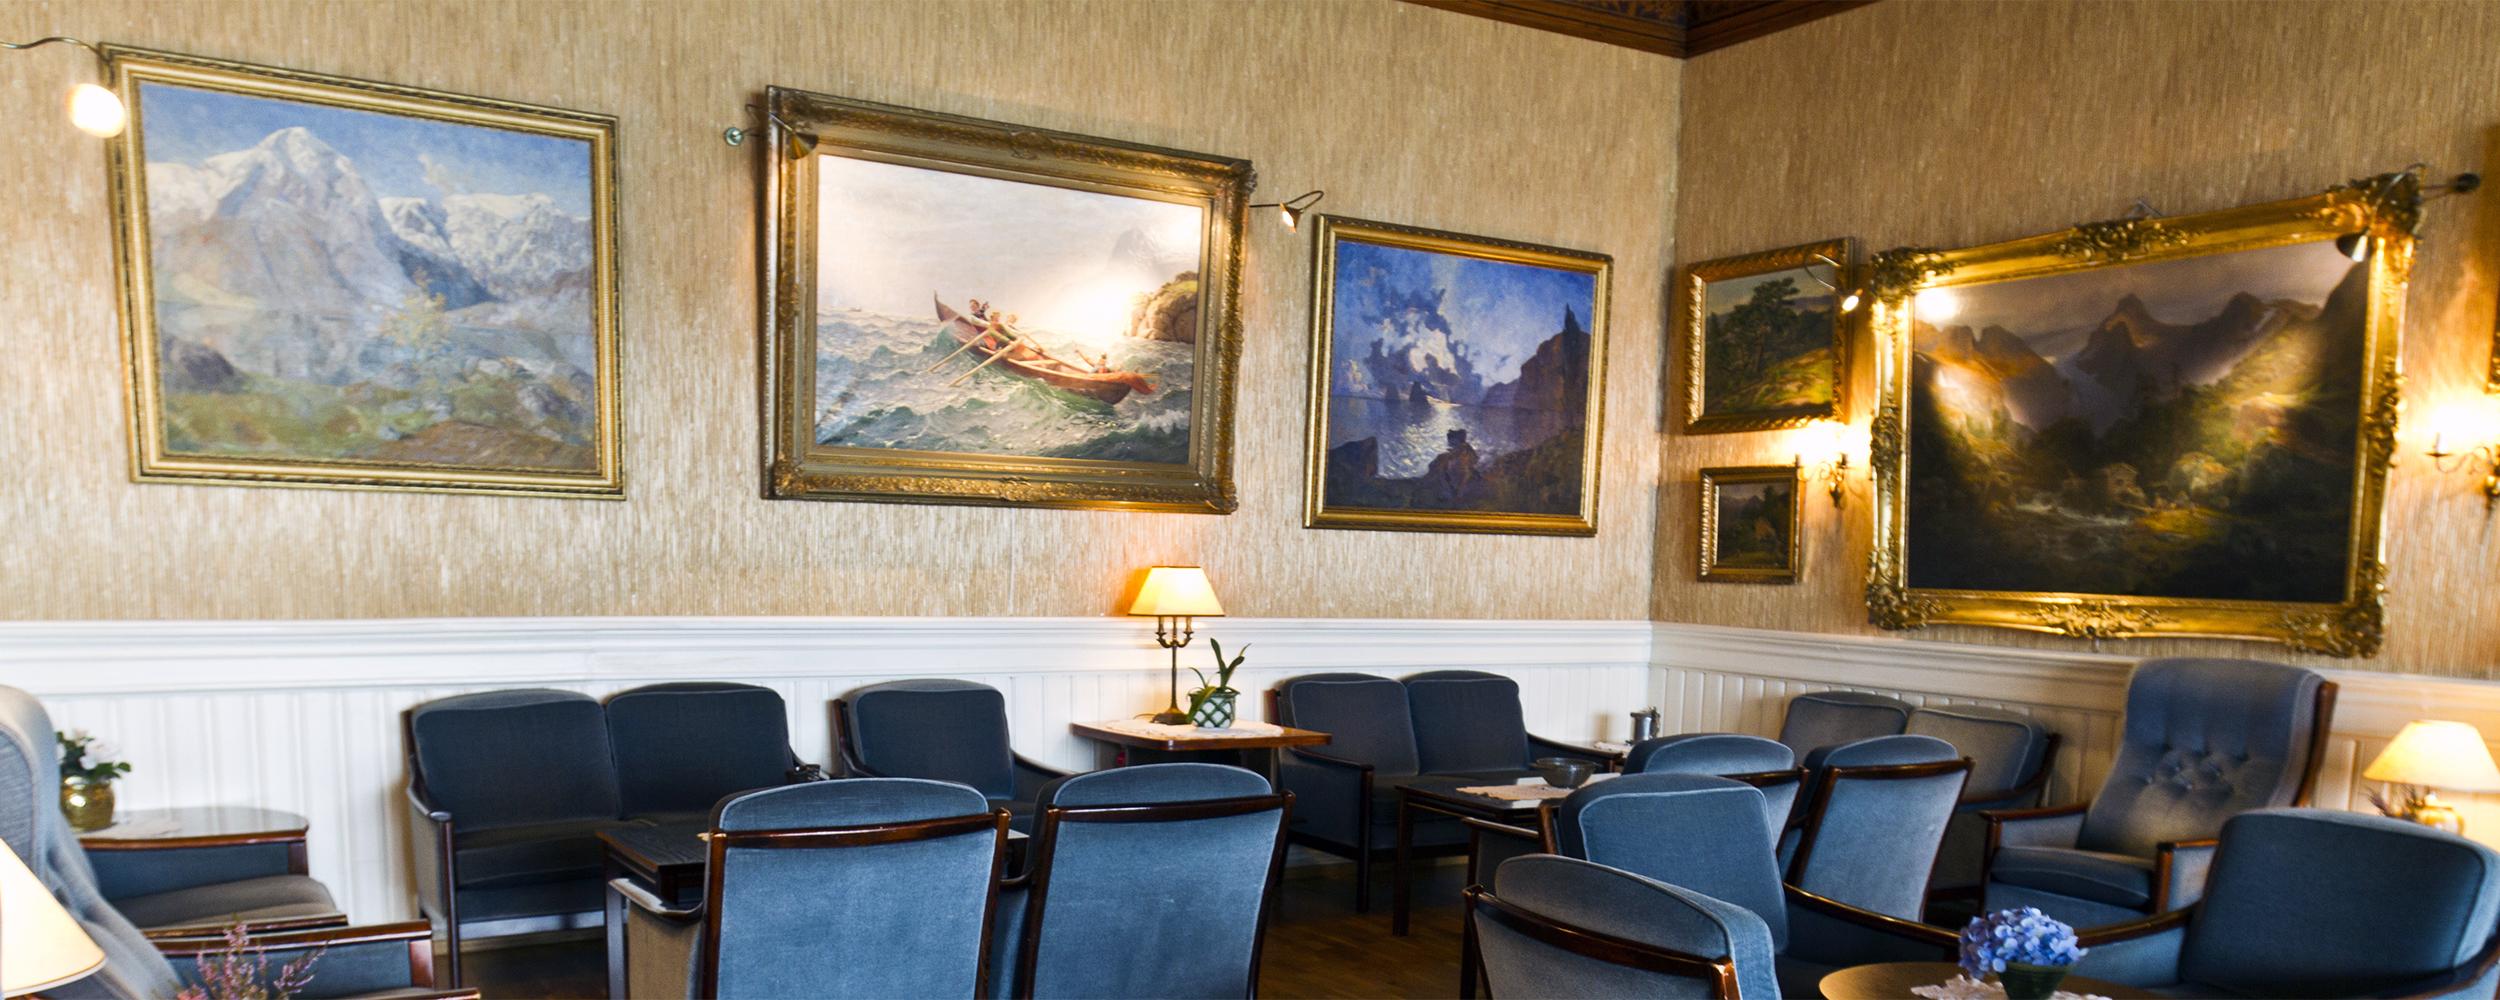 Velkommen til ei hyggeleg kunstoppleving på Kviknes Hotel!